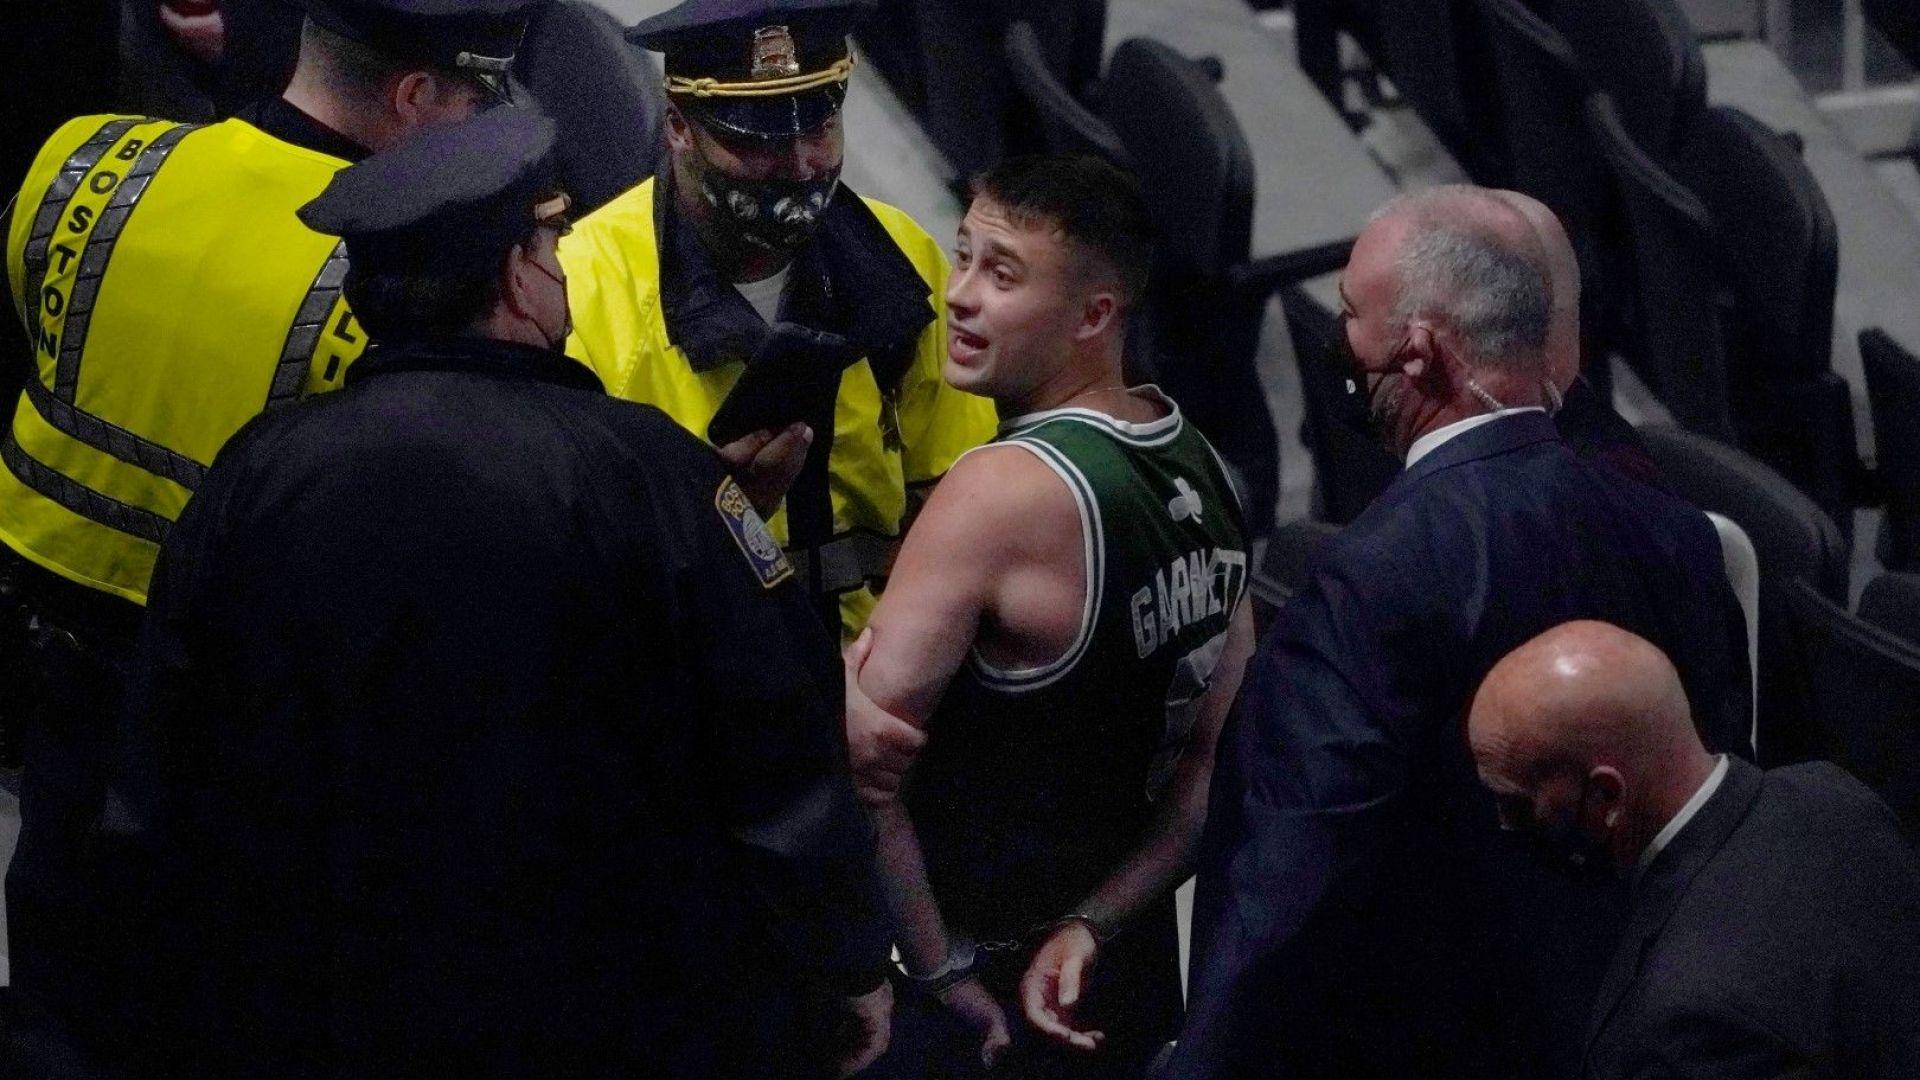 Арестуваха фен в НБА за хвърлена бутилка по бивш любимец